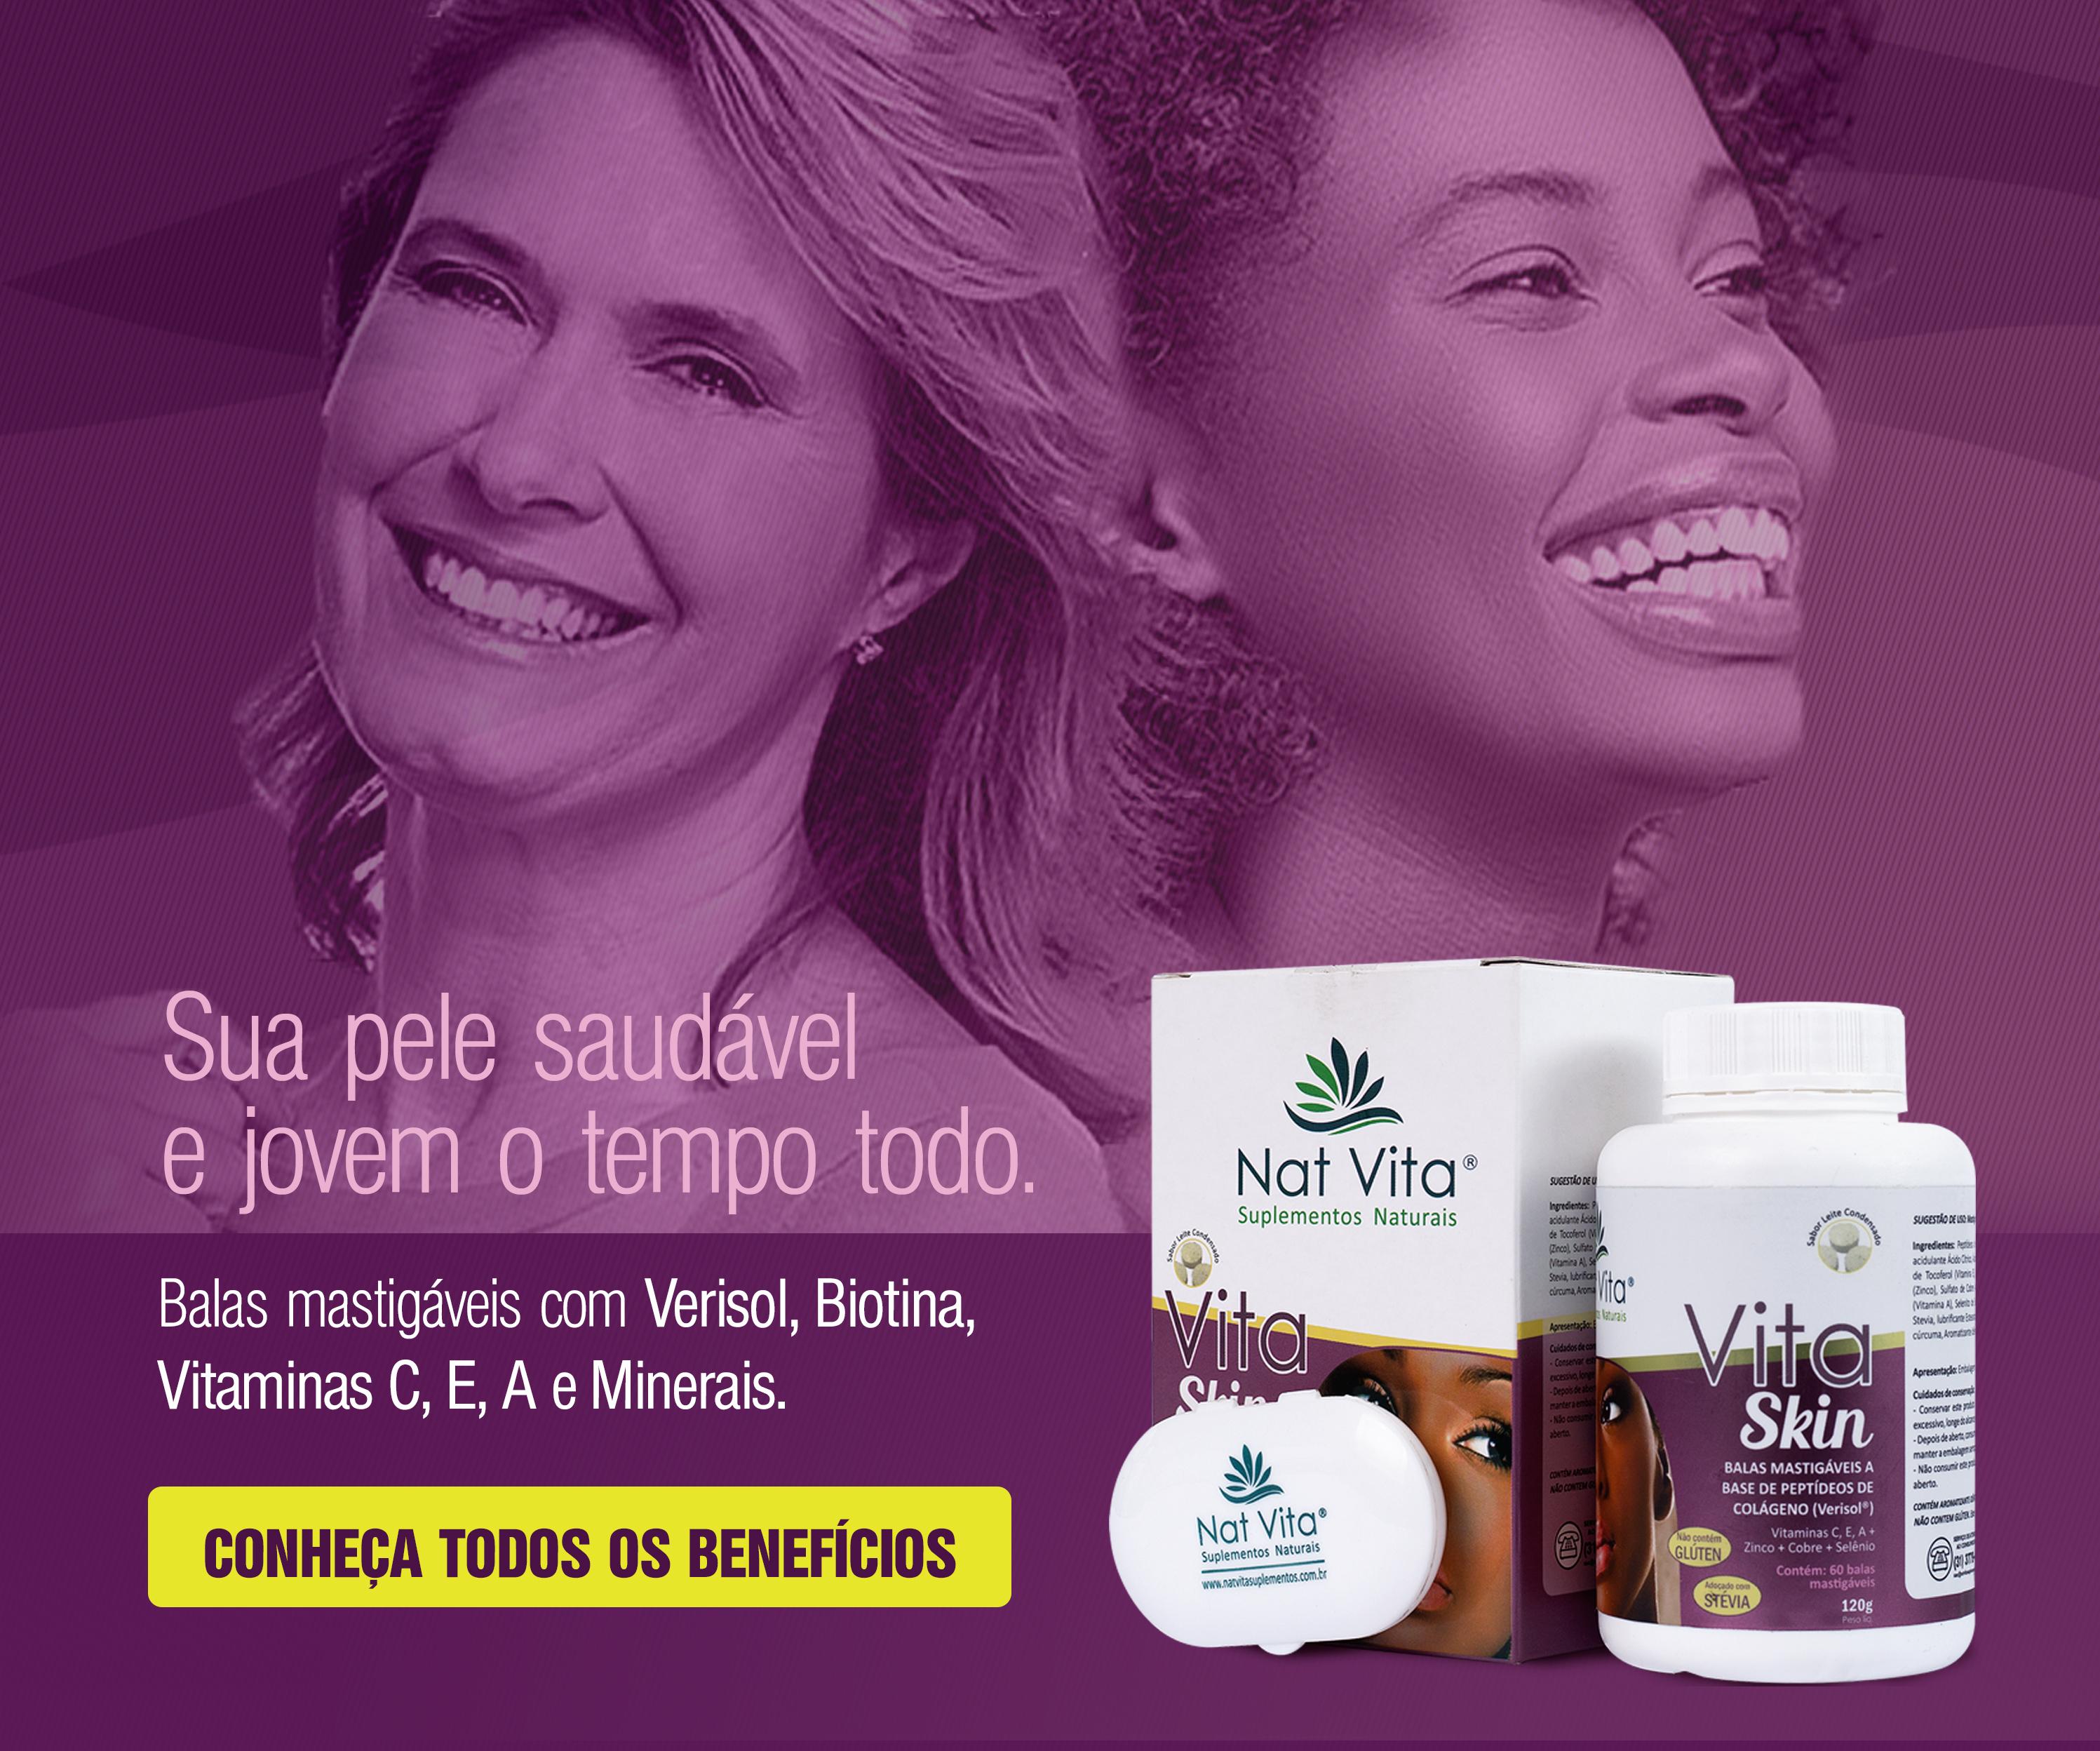 vita_skin_biotina_verisol